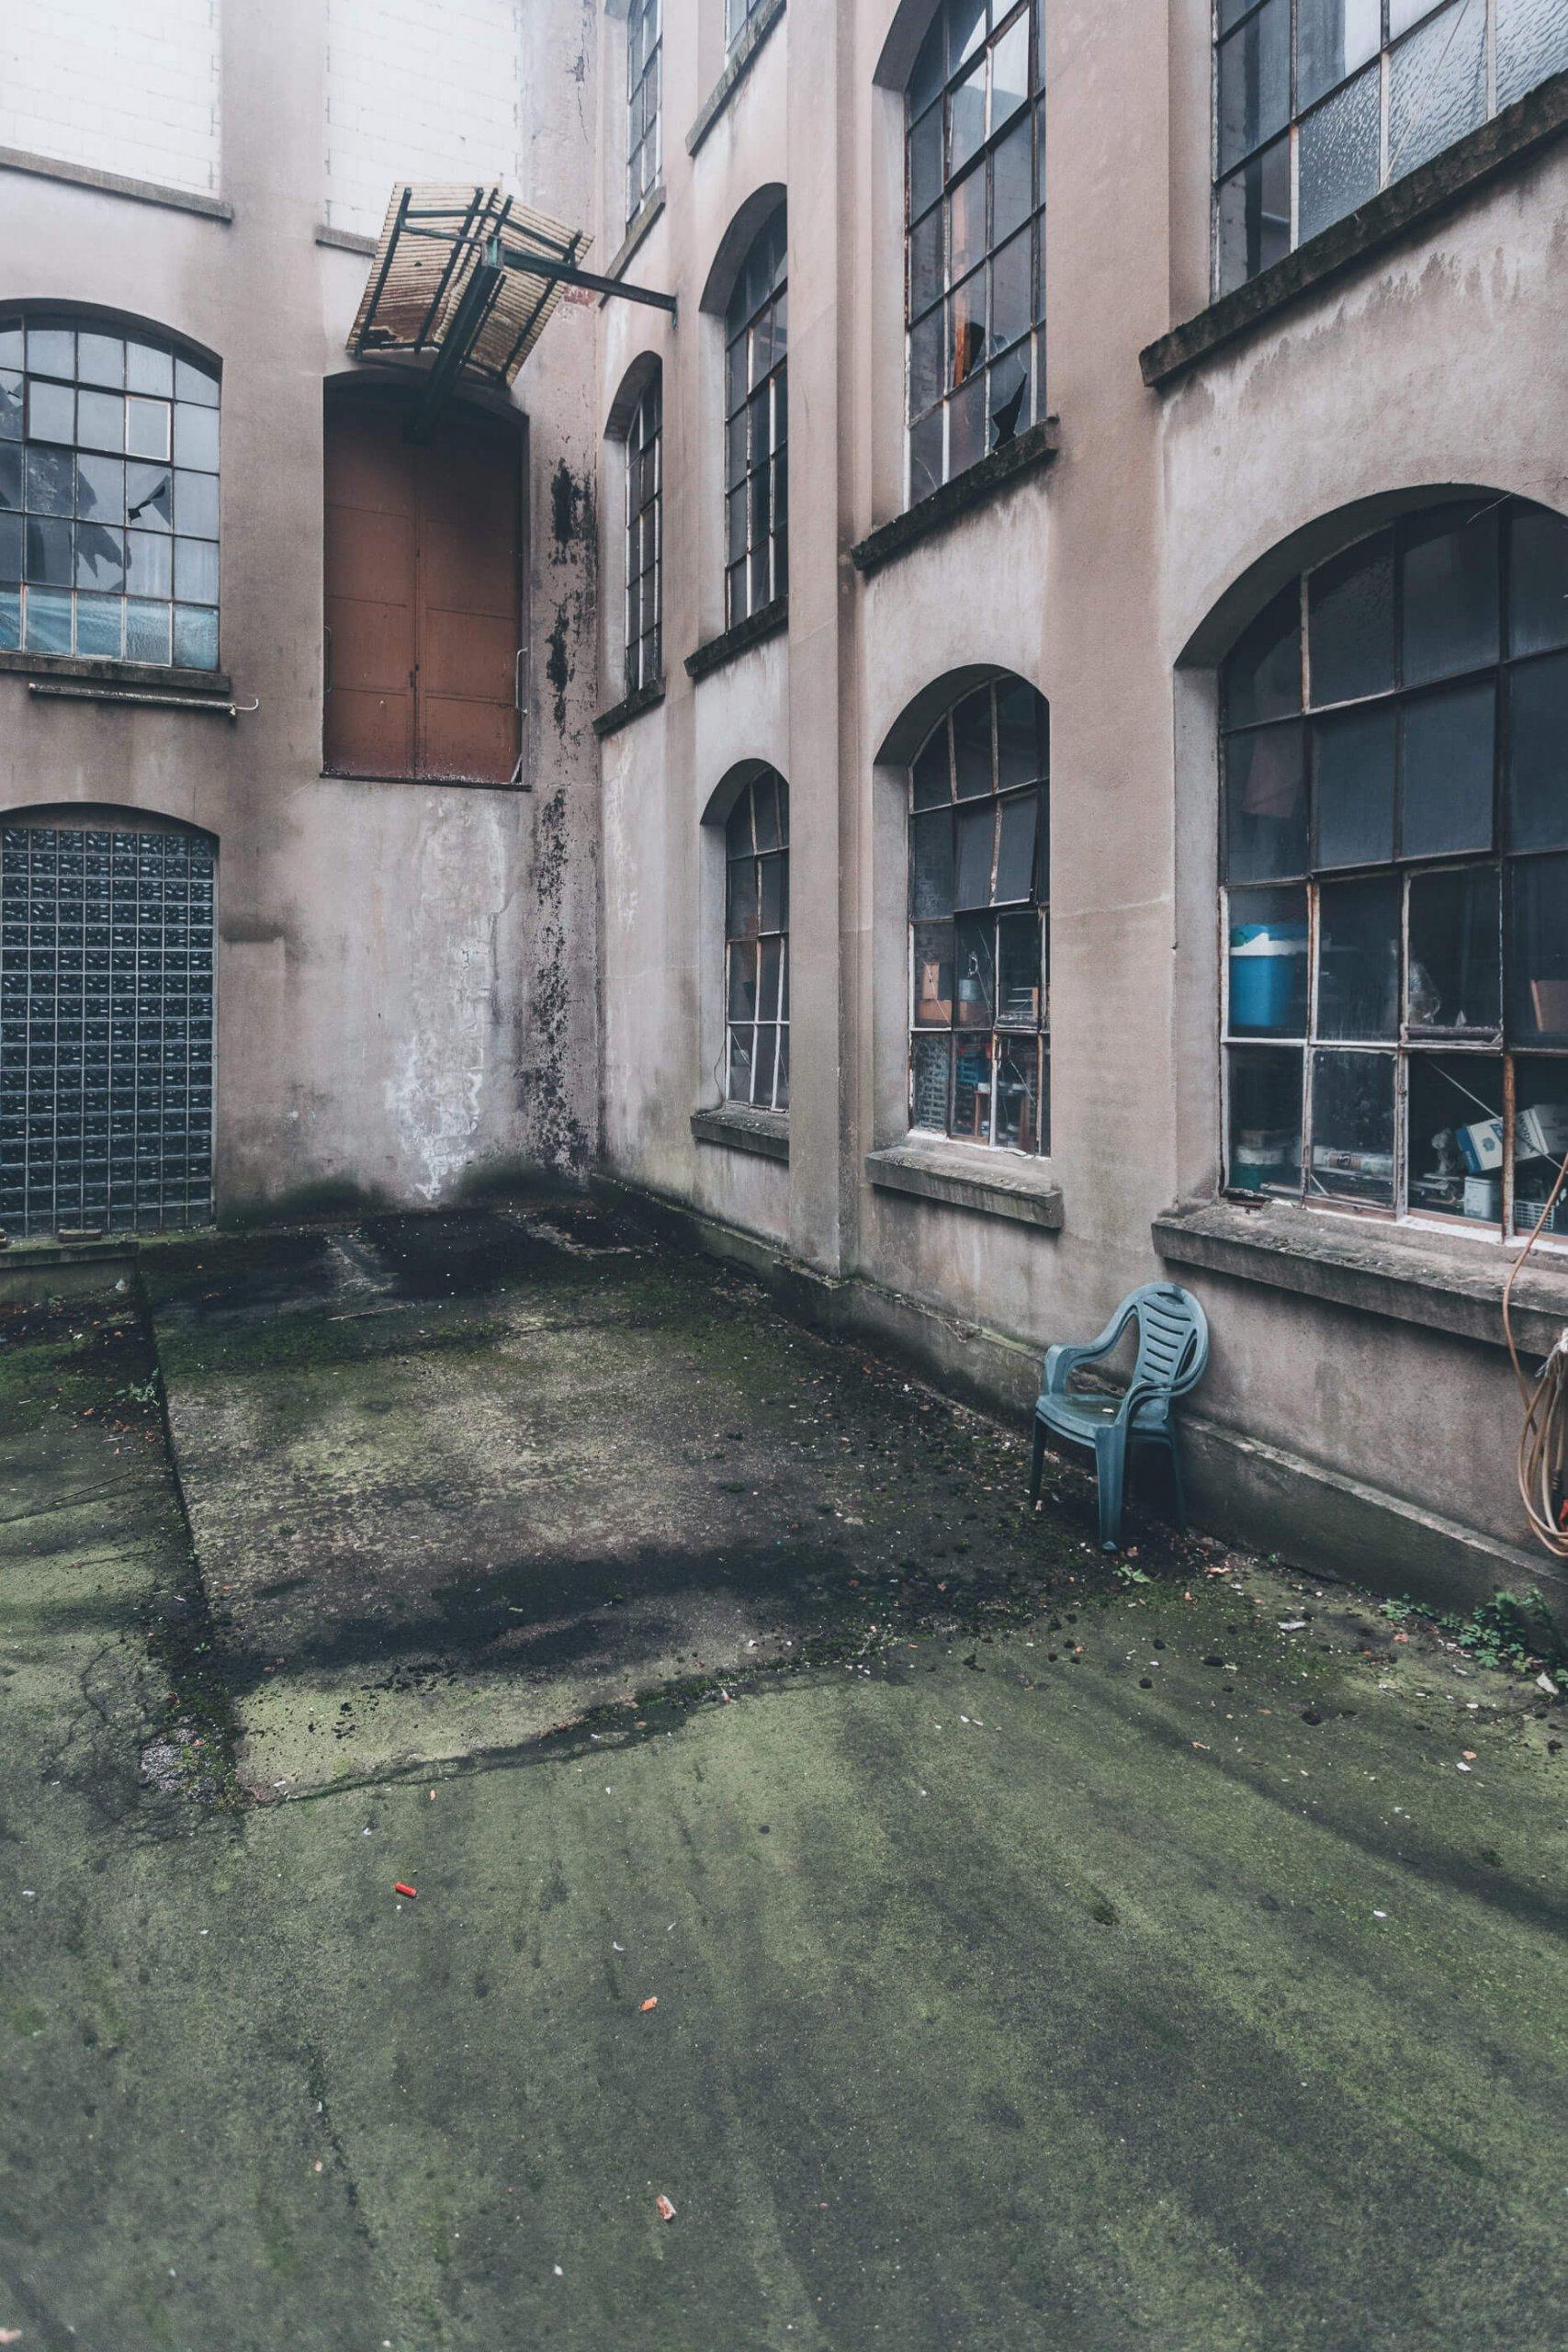 Lagerhallen des verlassenen Sanitär- & Heizungsgroßhandel